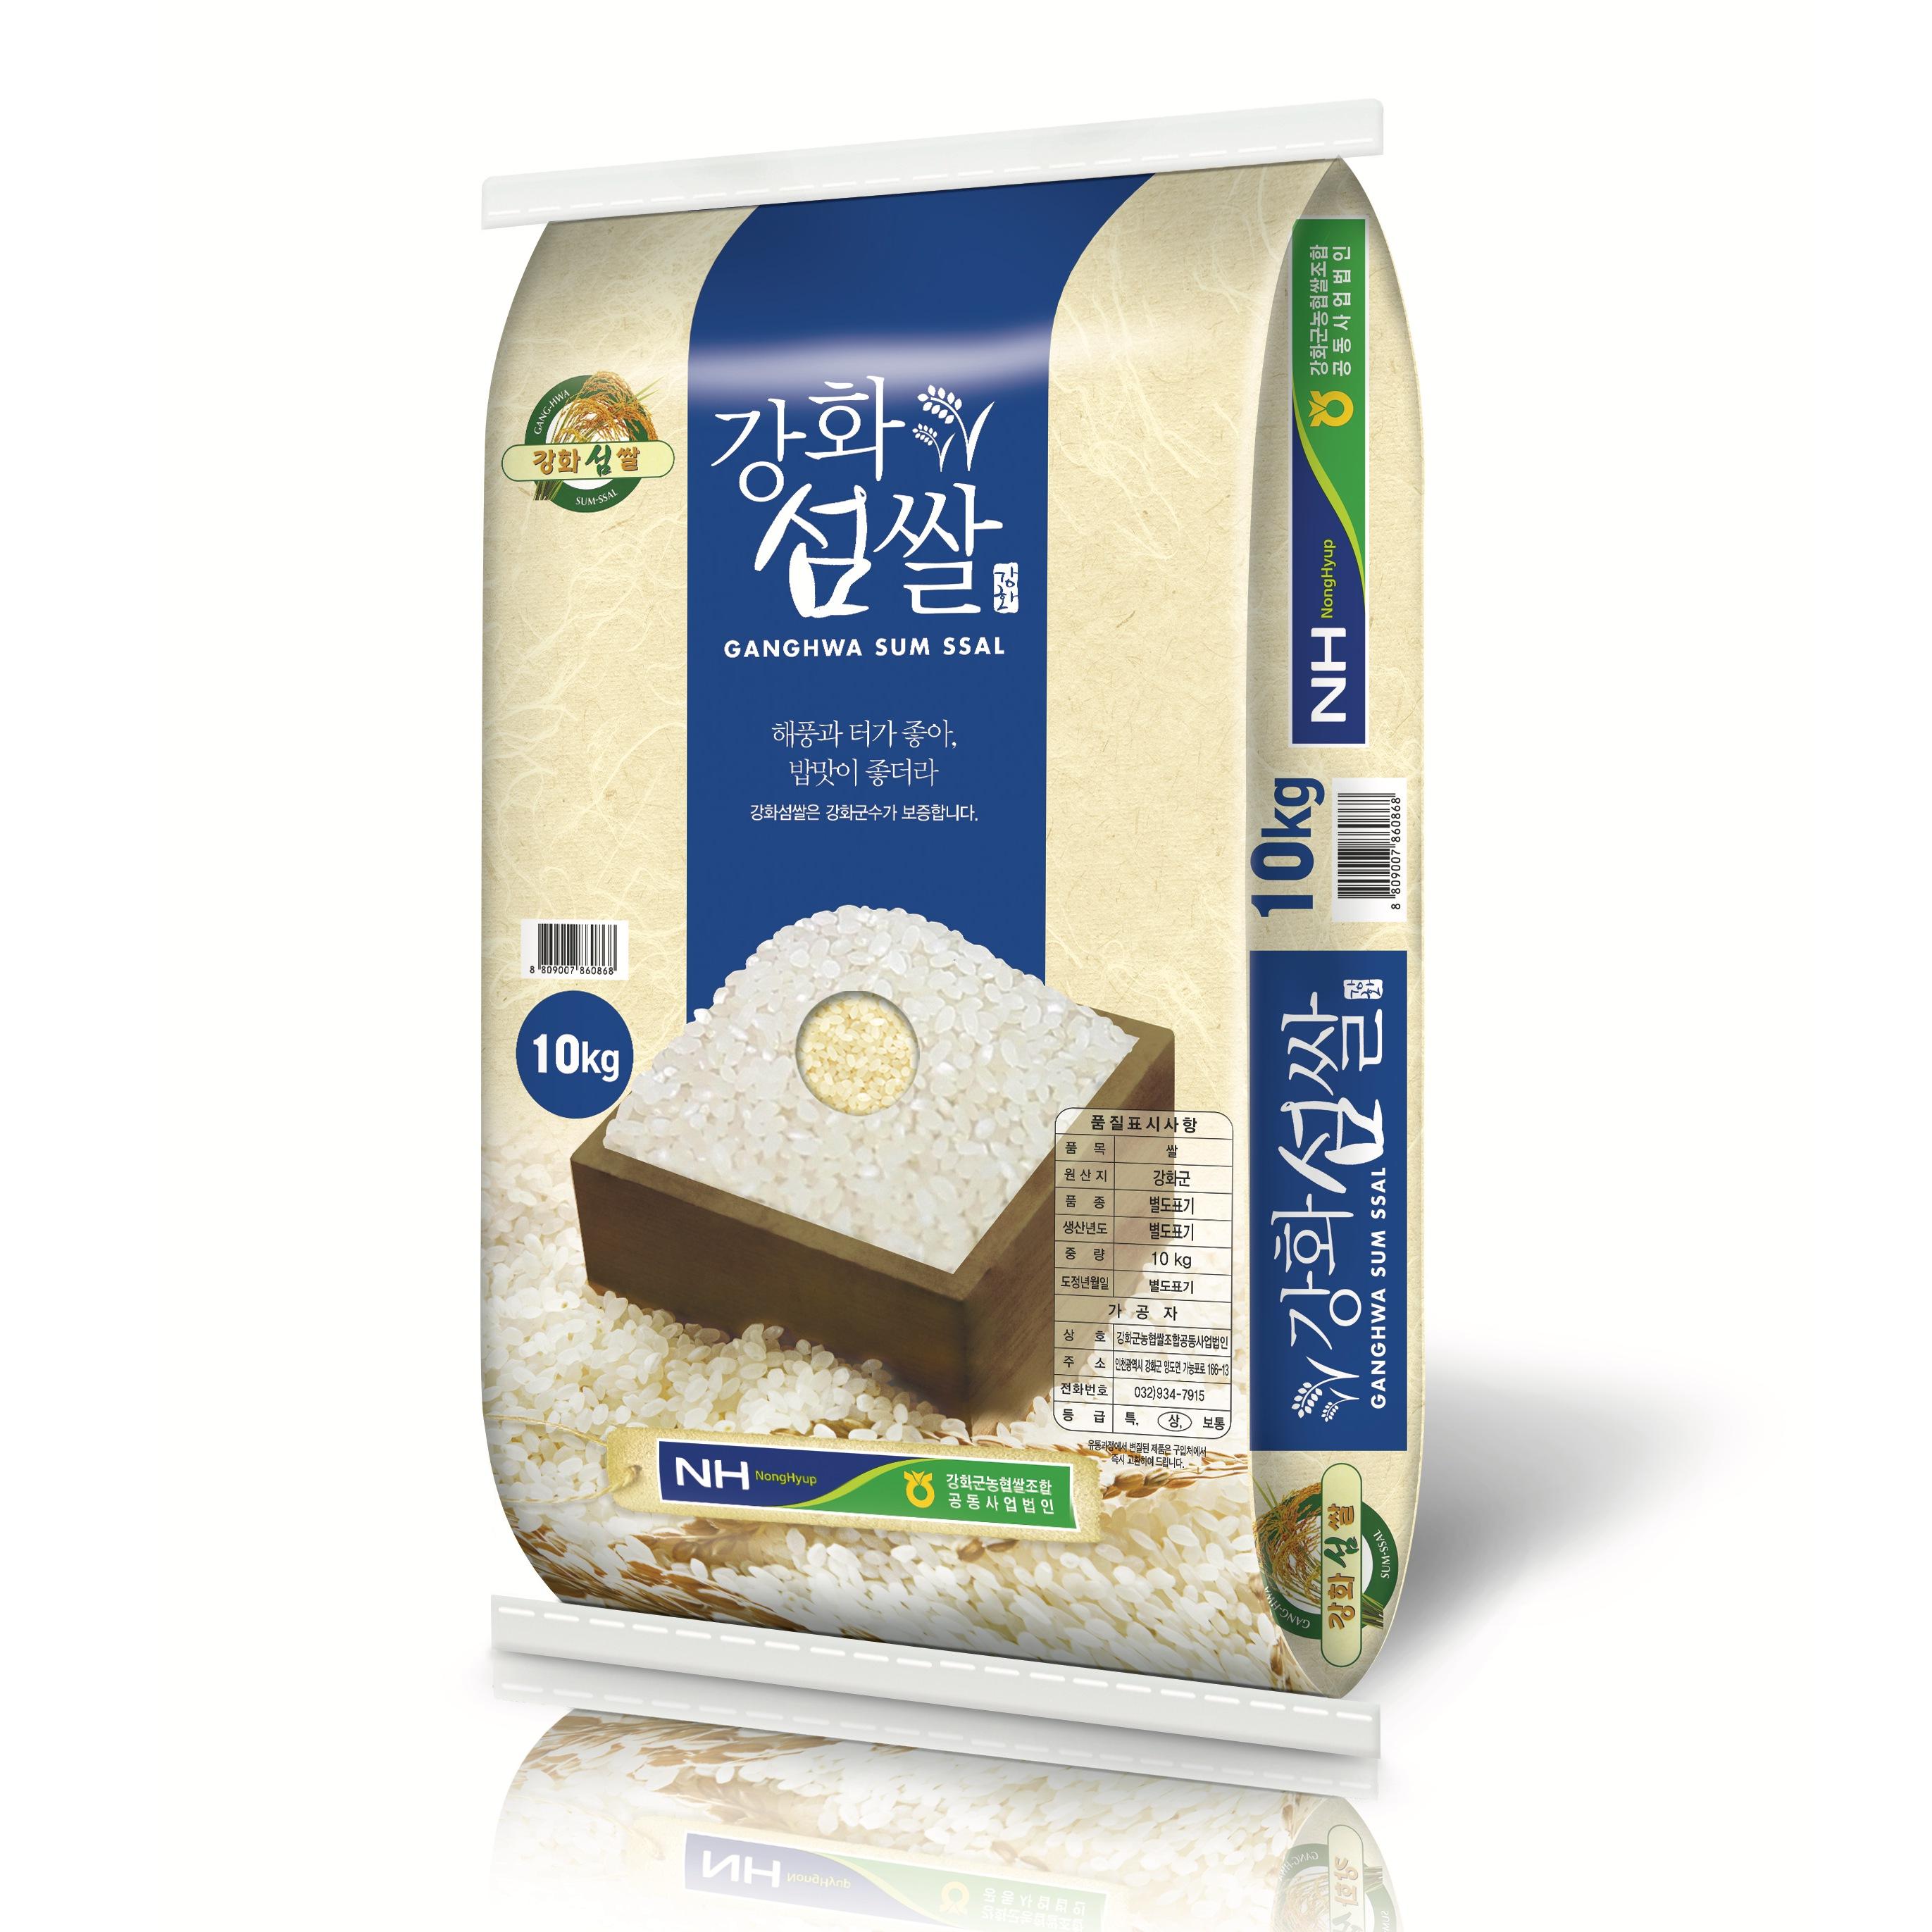 강화군농협 강화섬쌀 삼광 백미, 10kg, 1개